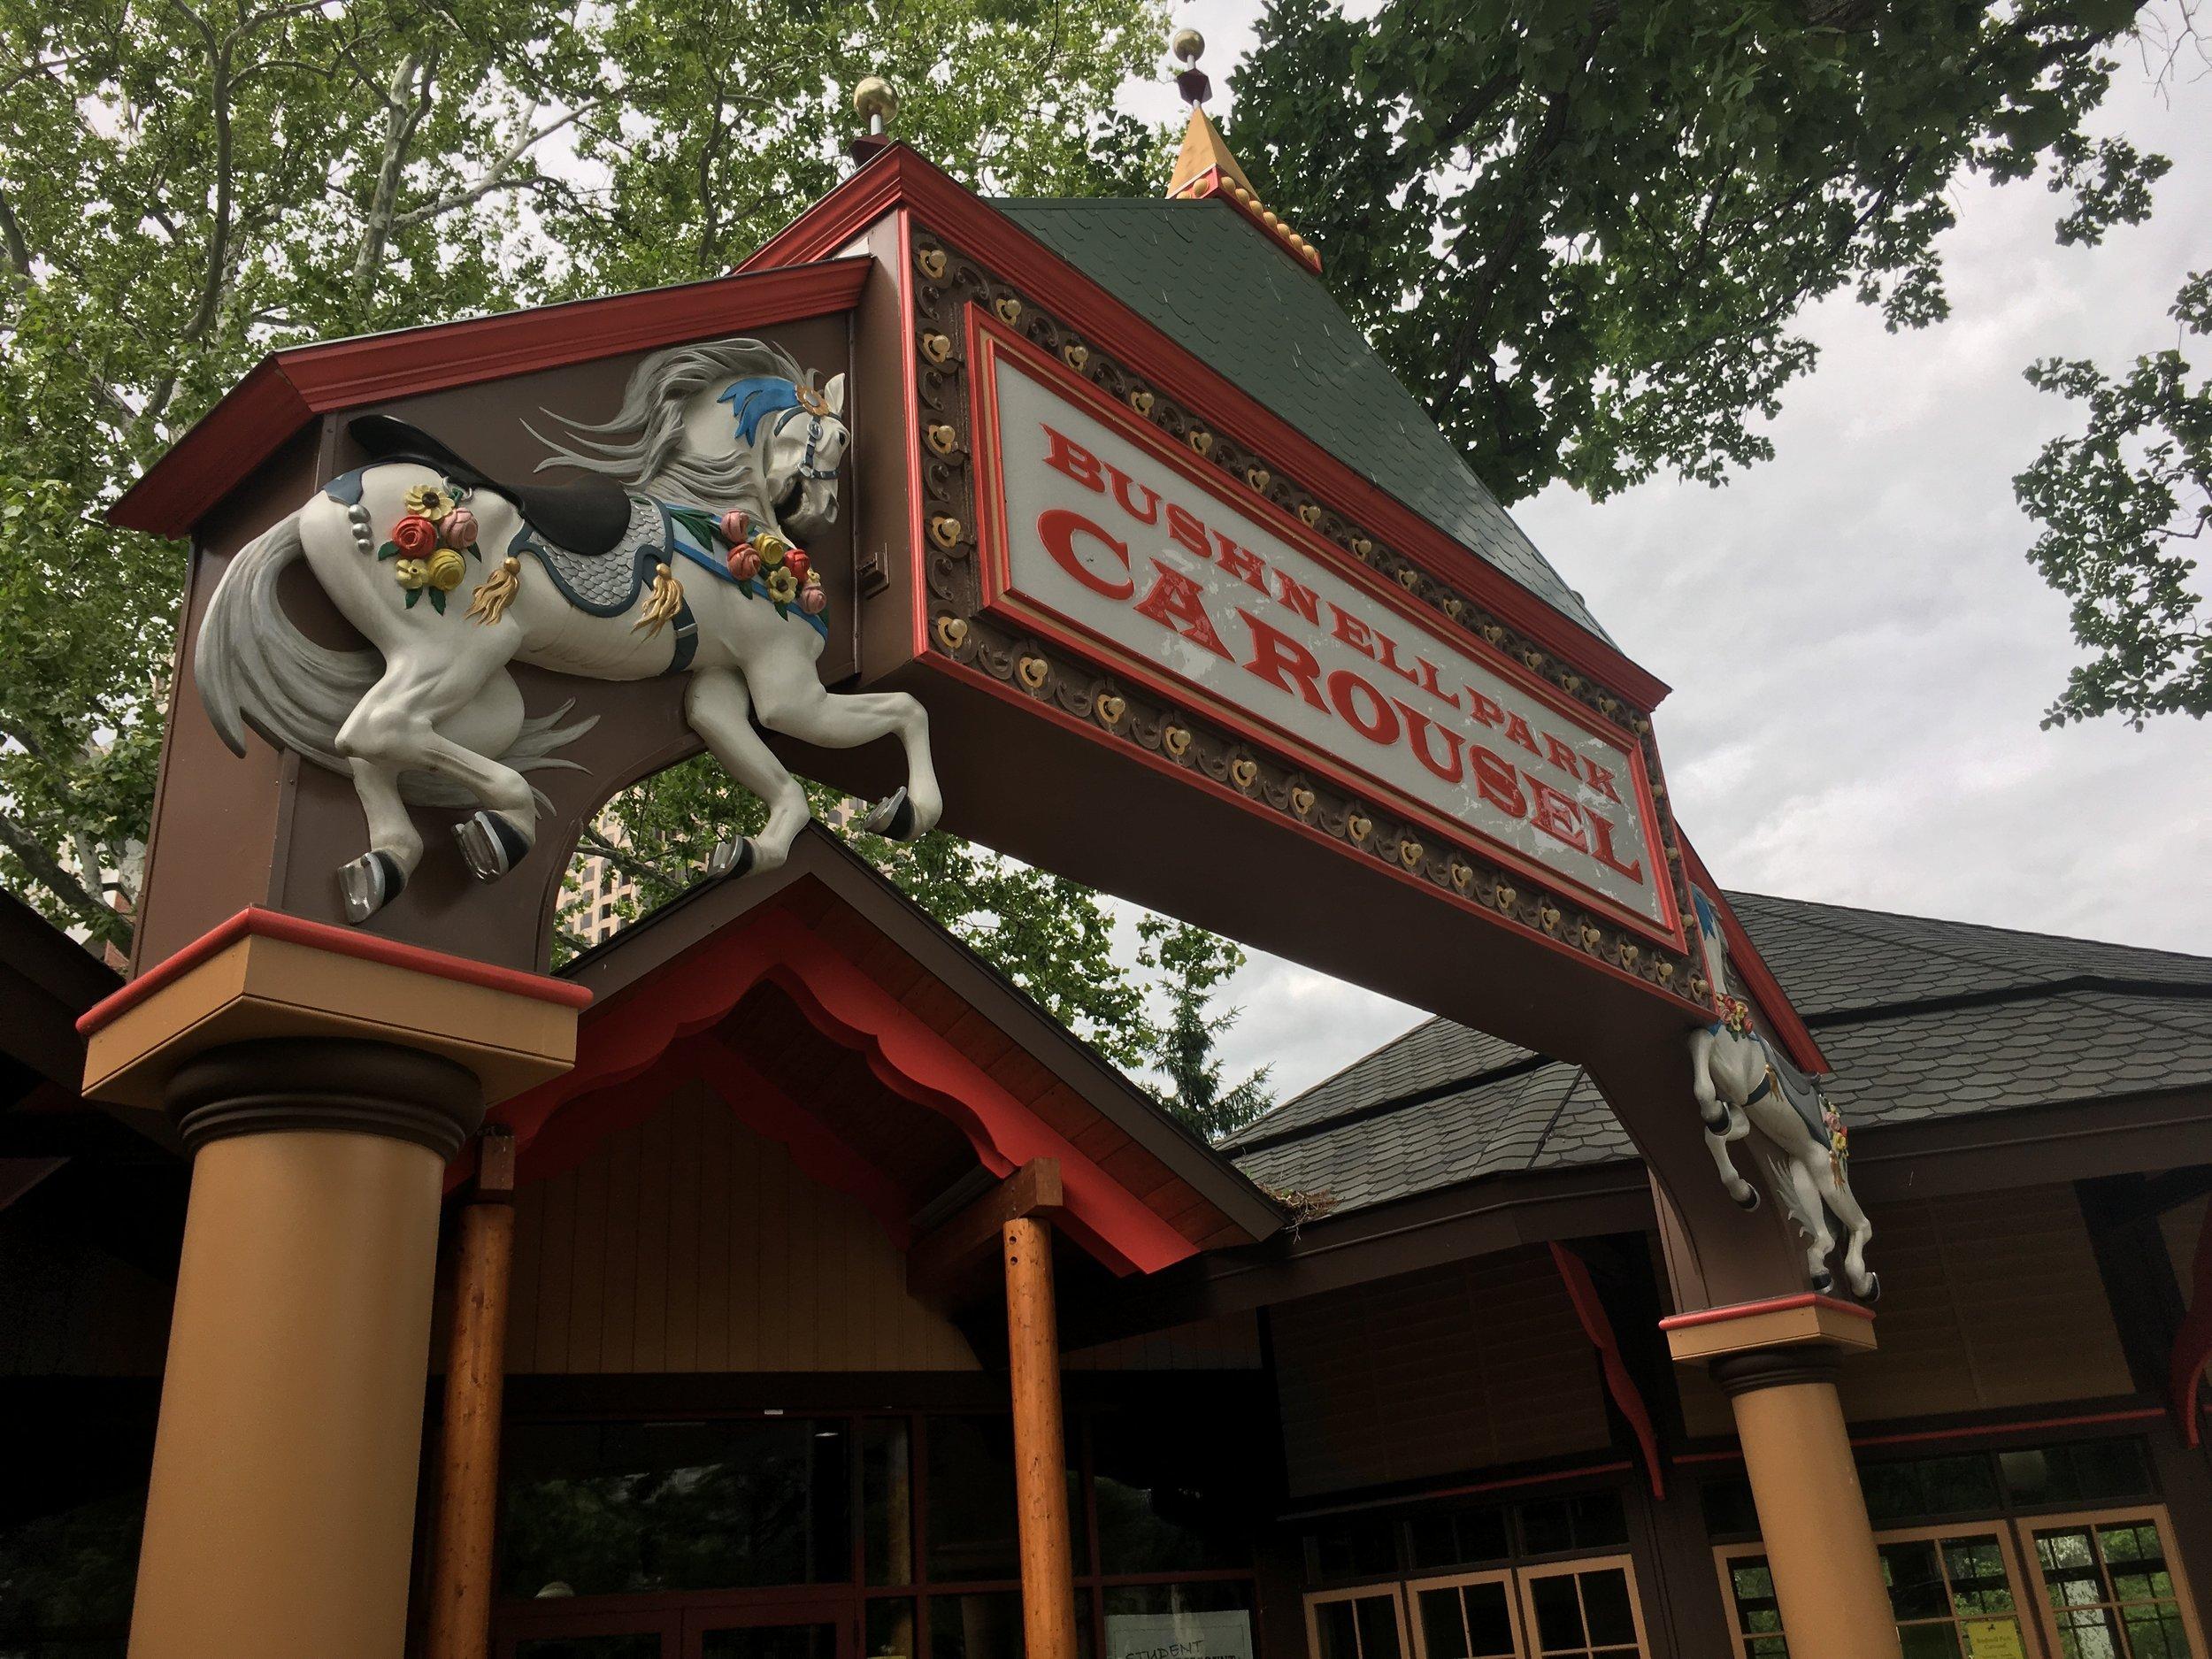 Merry-go-round in Bushnell Park